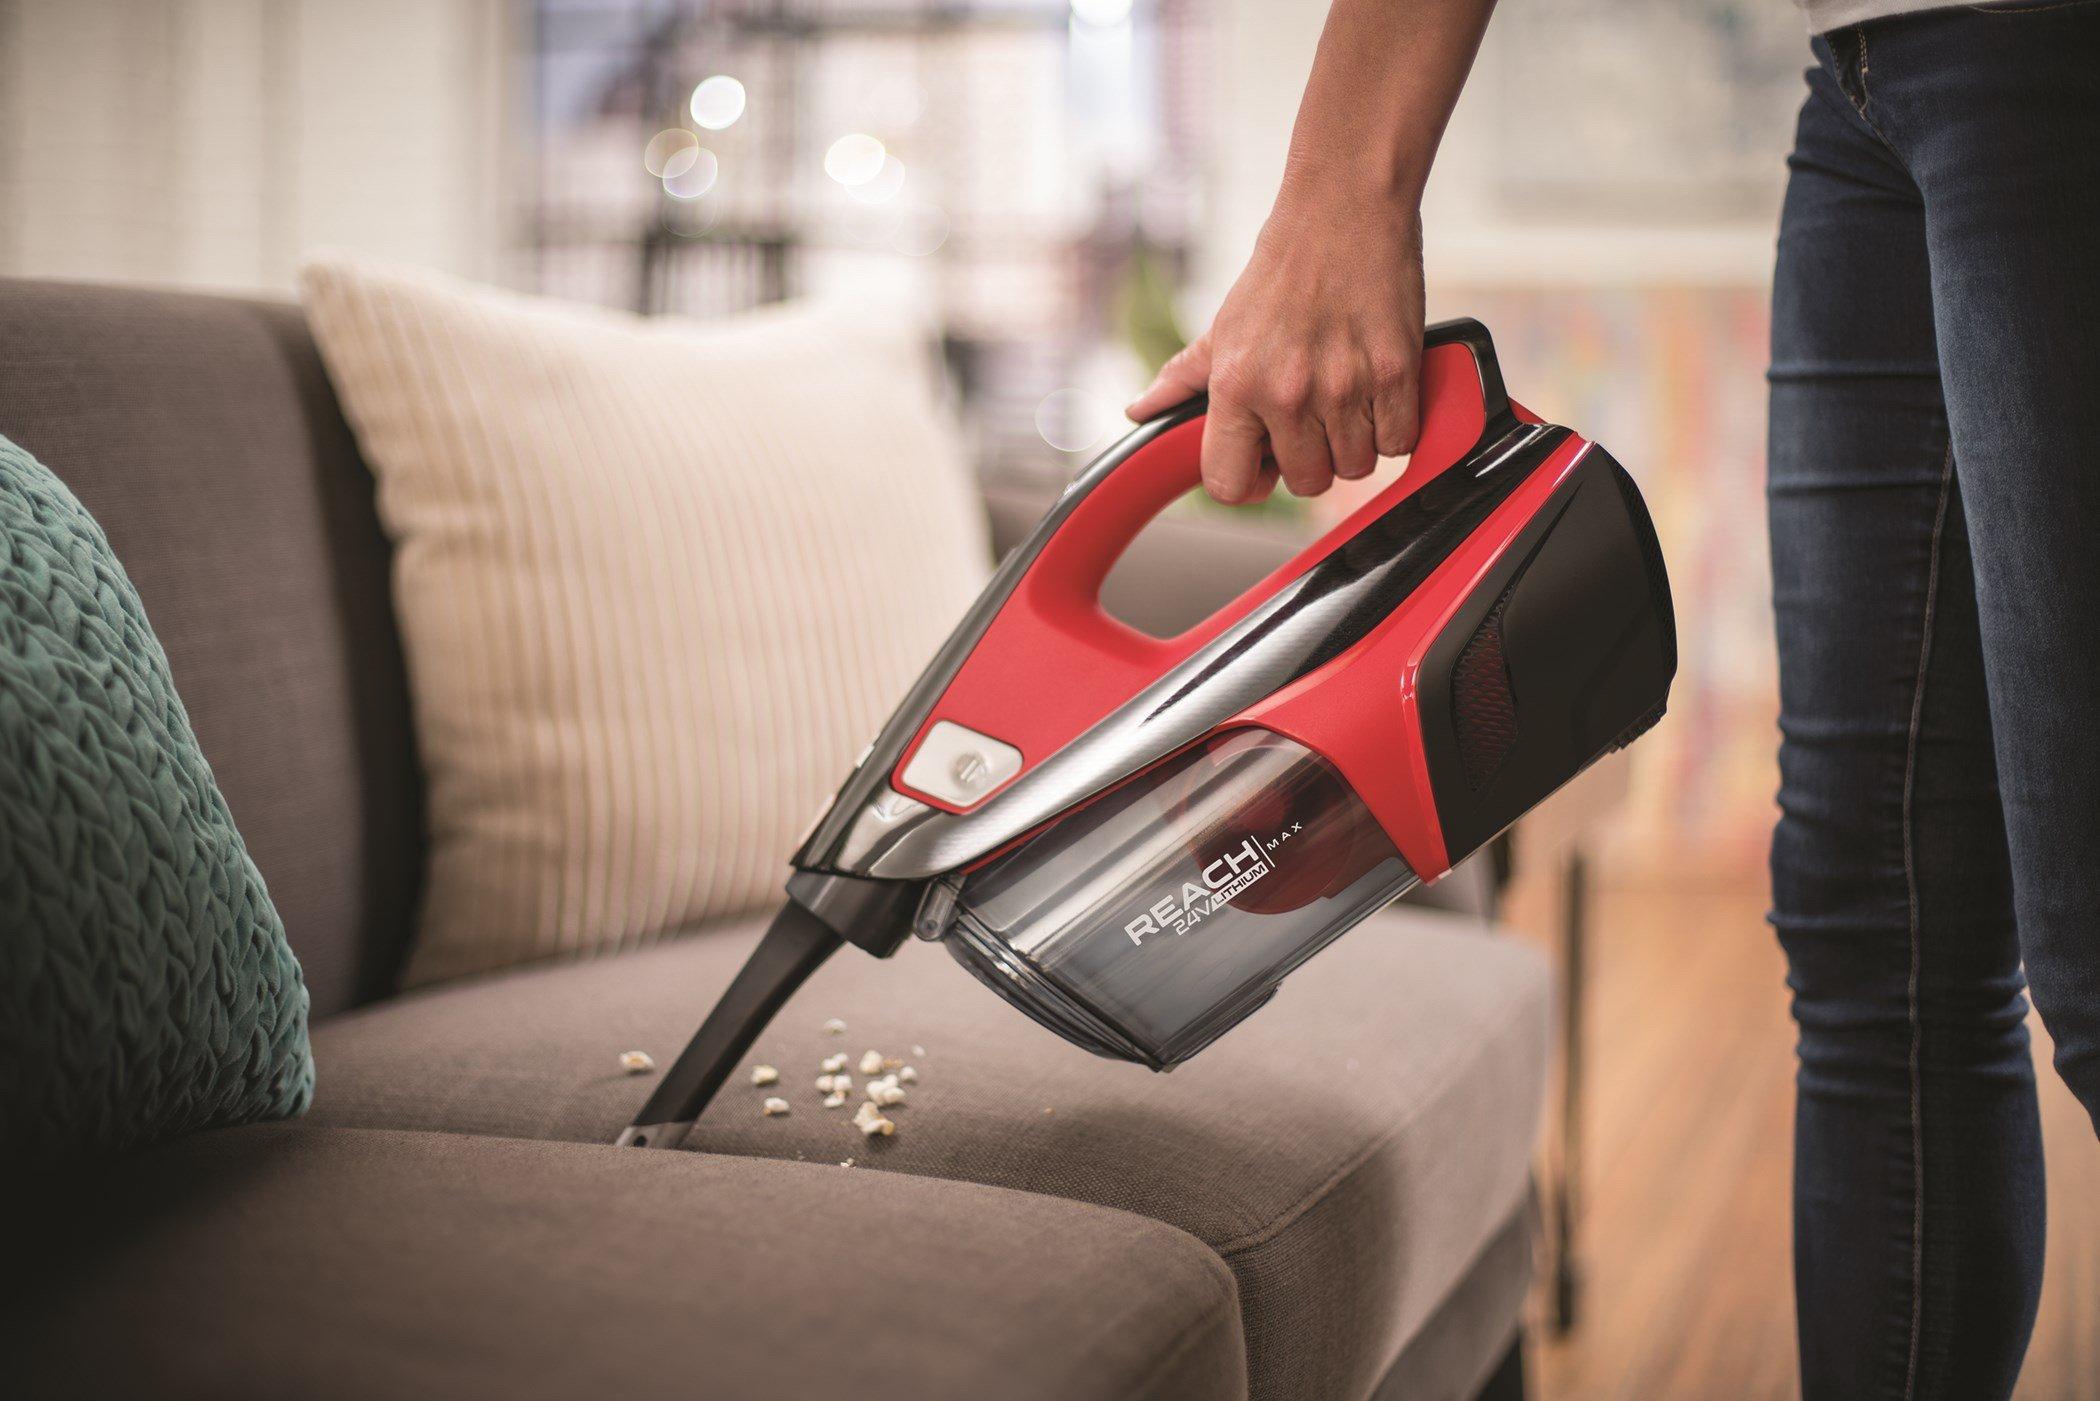 Reach Max Multi 3-in-1 Cordless Stick Vacuum7